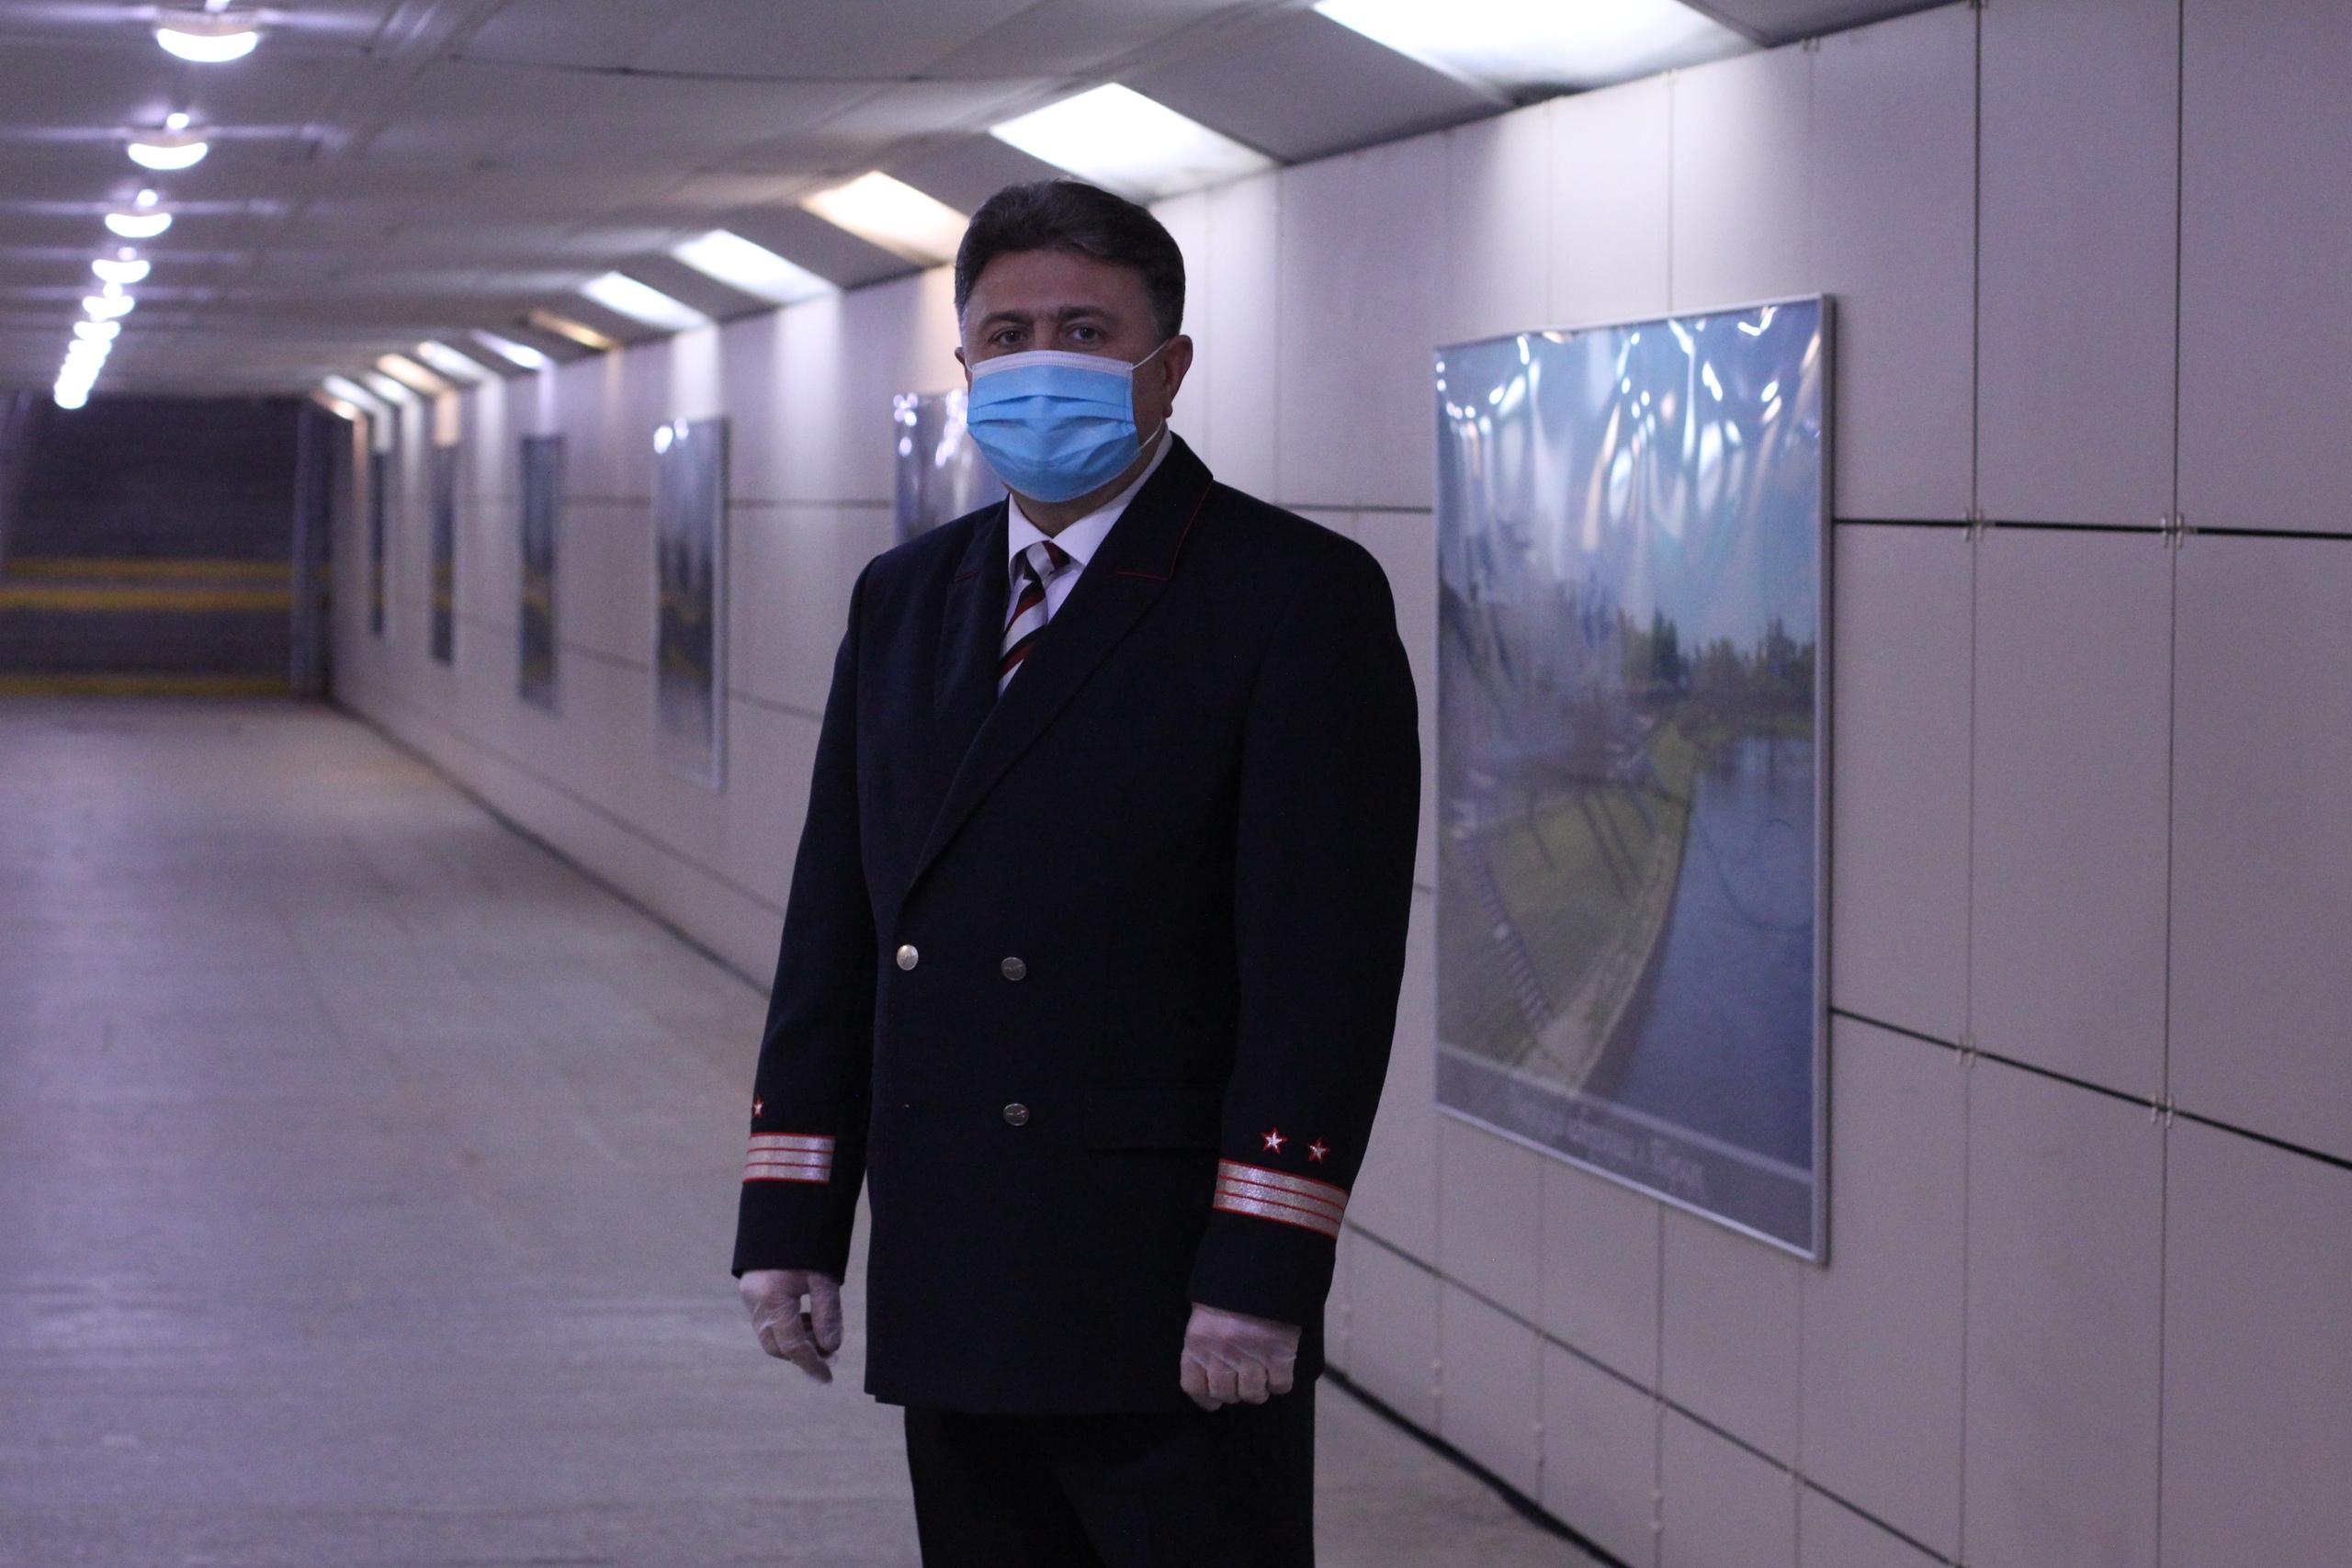 Интервью к юбилею: начальник железнодорожного вокзала рассказал о императорских комнатах и борьбе с коронавирусом